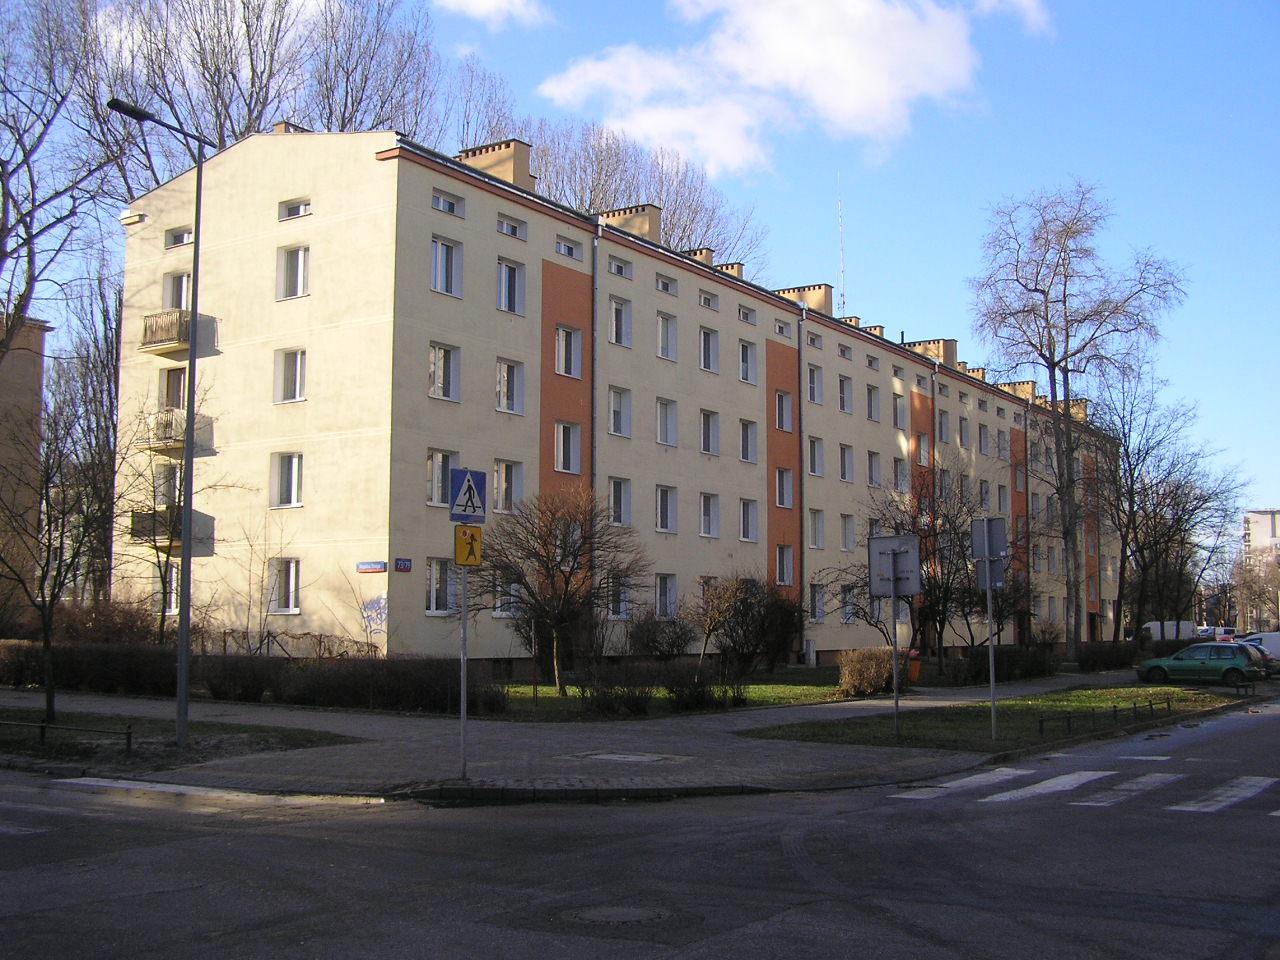 Osowska 73/79